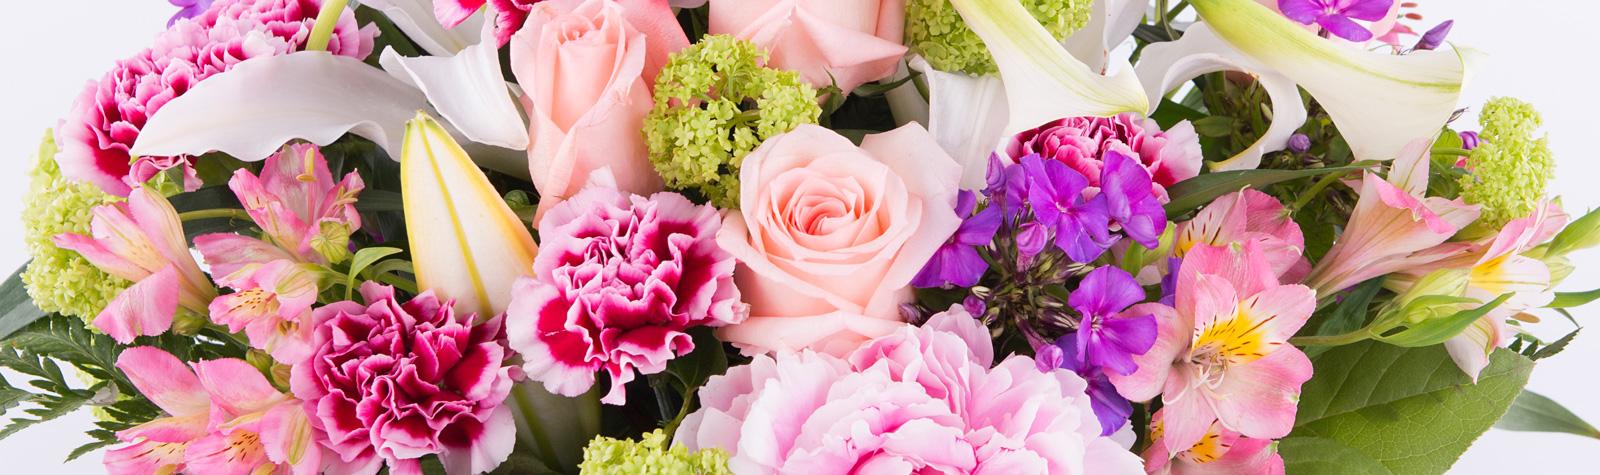 Diferencias en arreglos florales